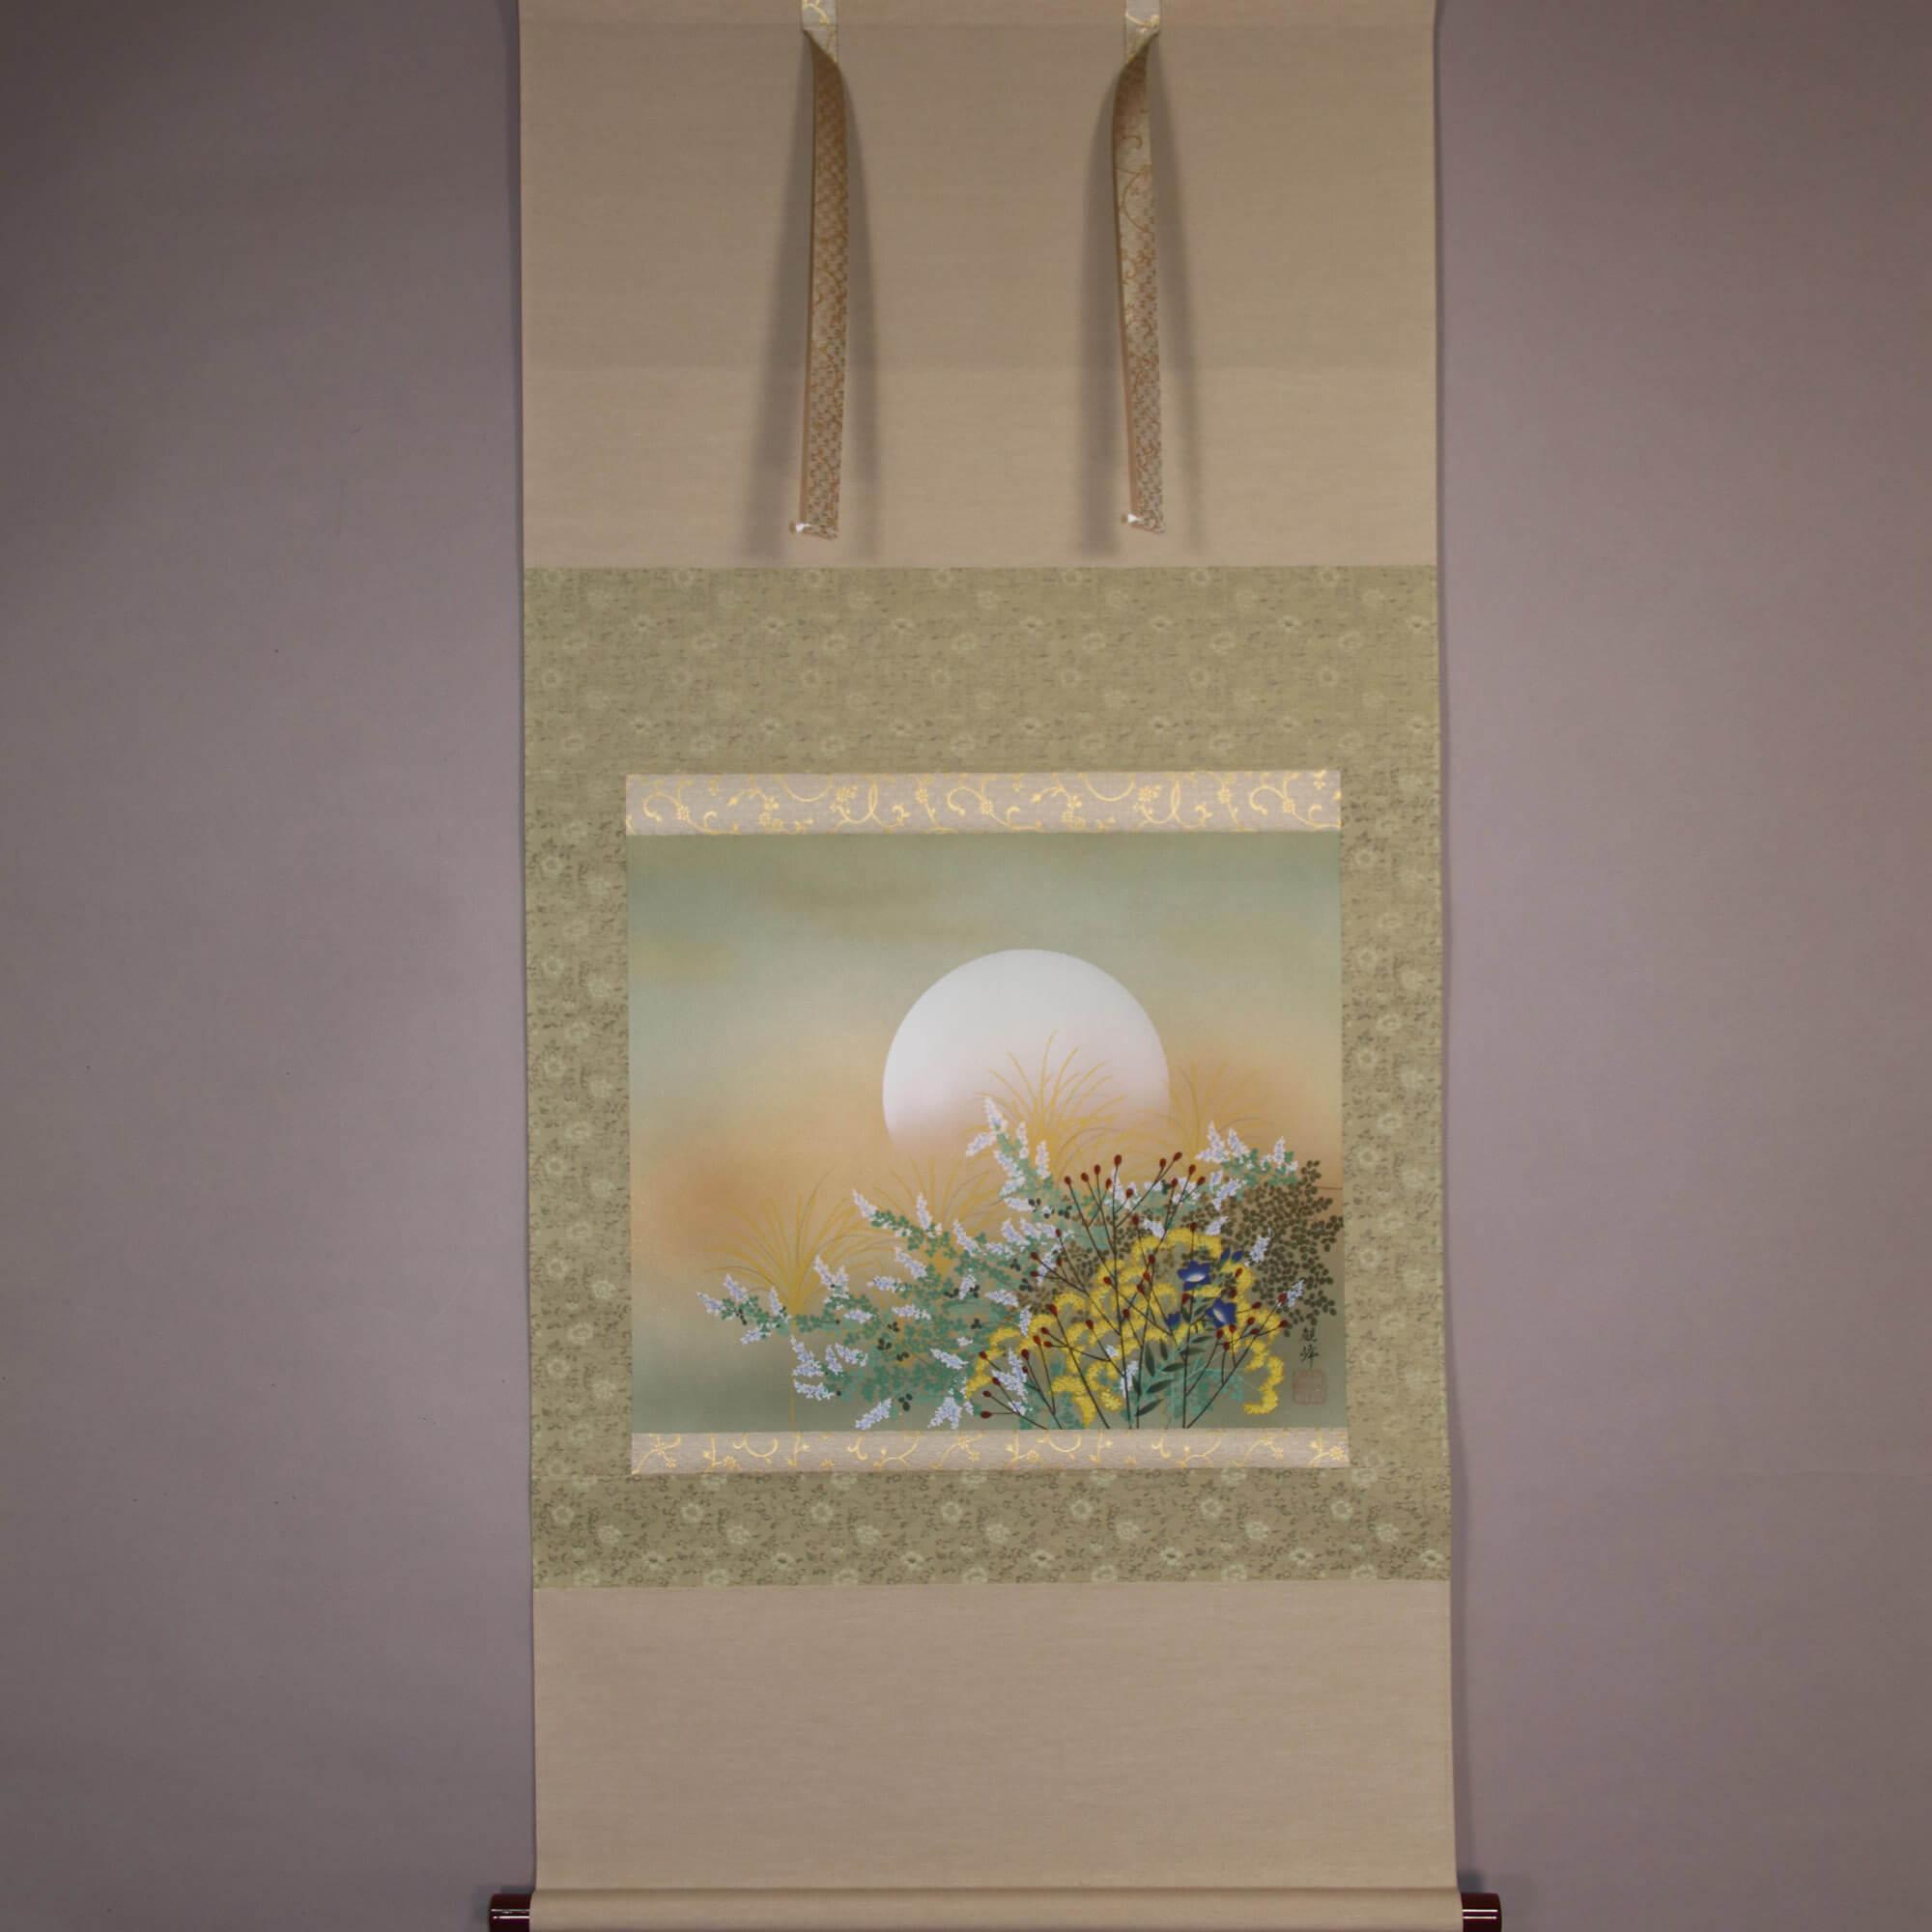 The Moon and Autumn Flower / Kawamura Kanpō